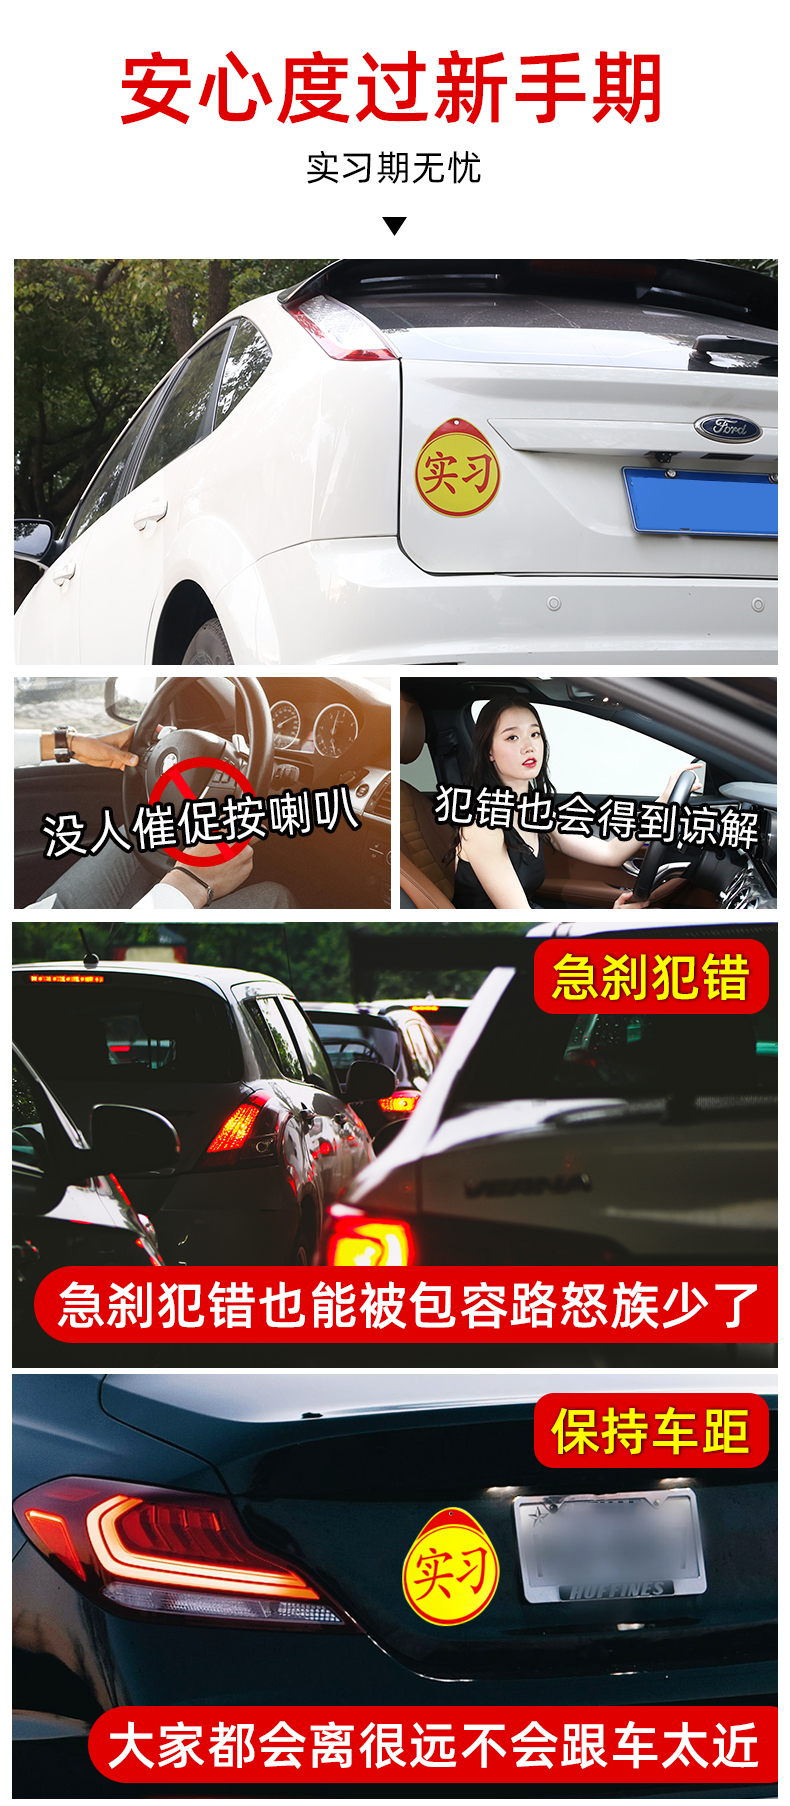 新手上路车贴磁吸实习标誌汽车贴纸创意个性车用磁性反光贴片女司机详细照片